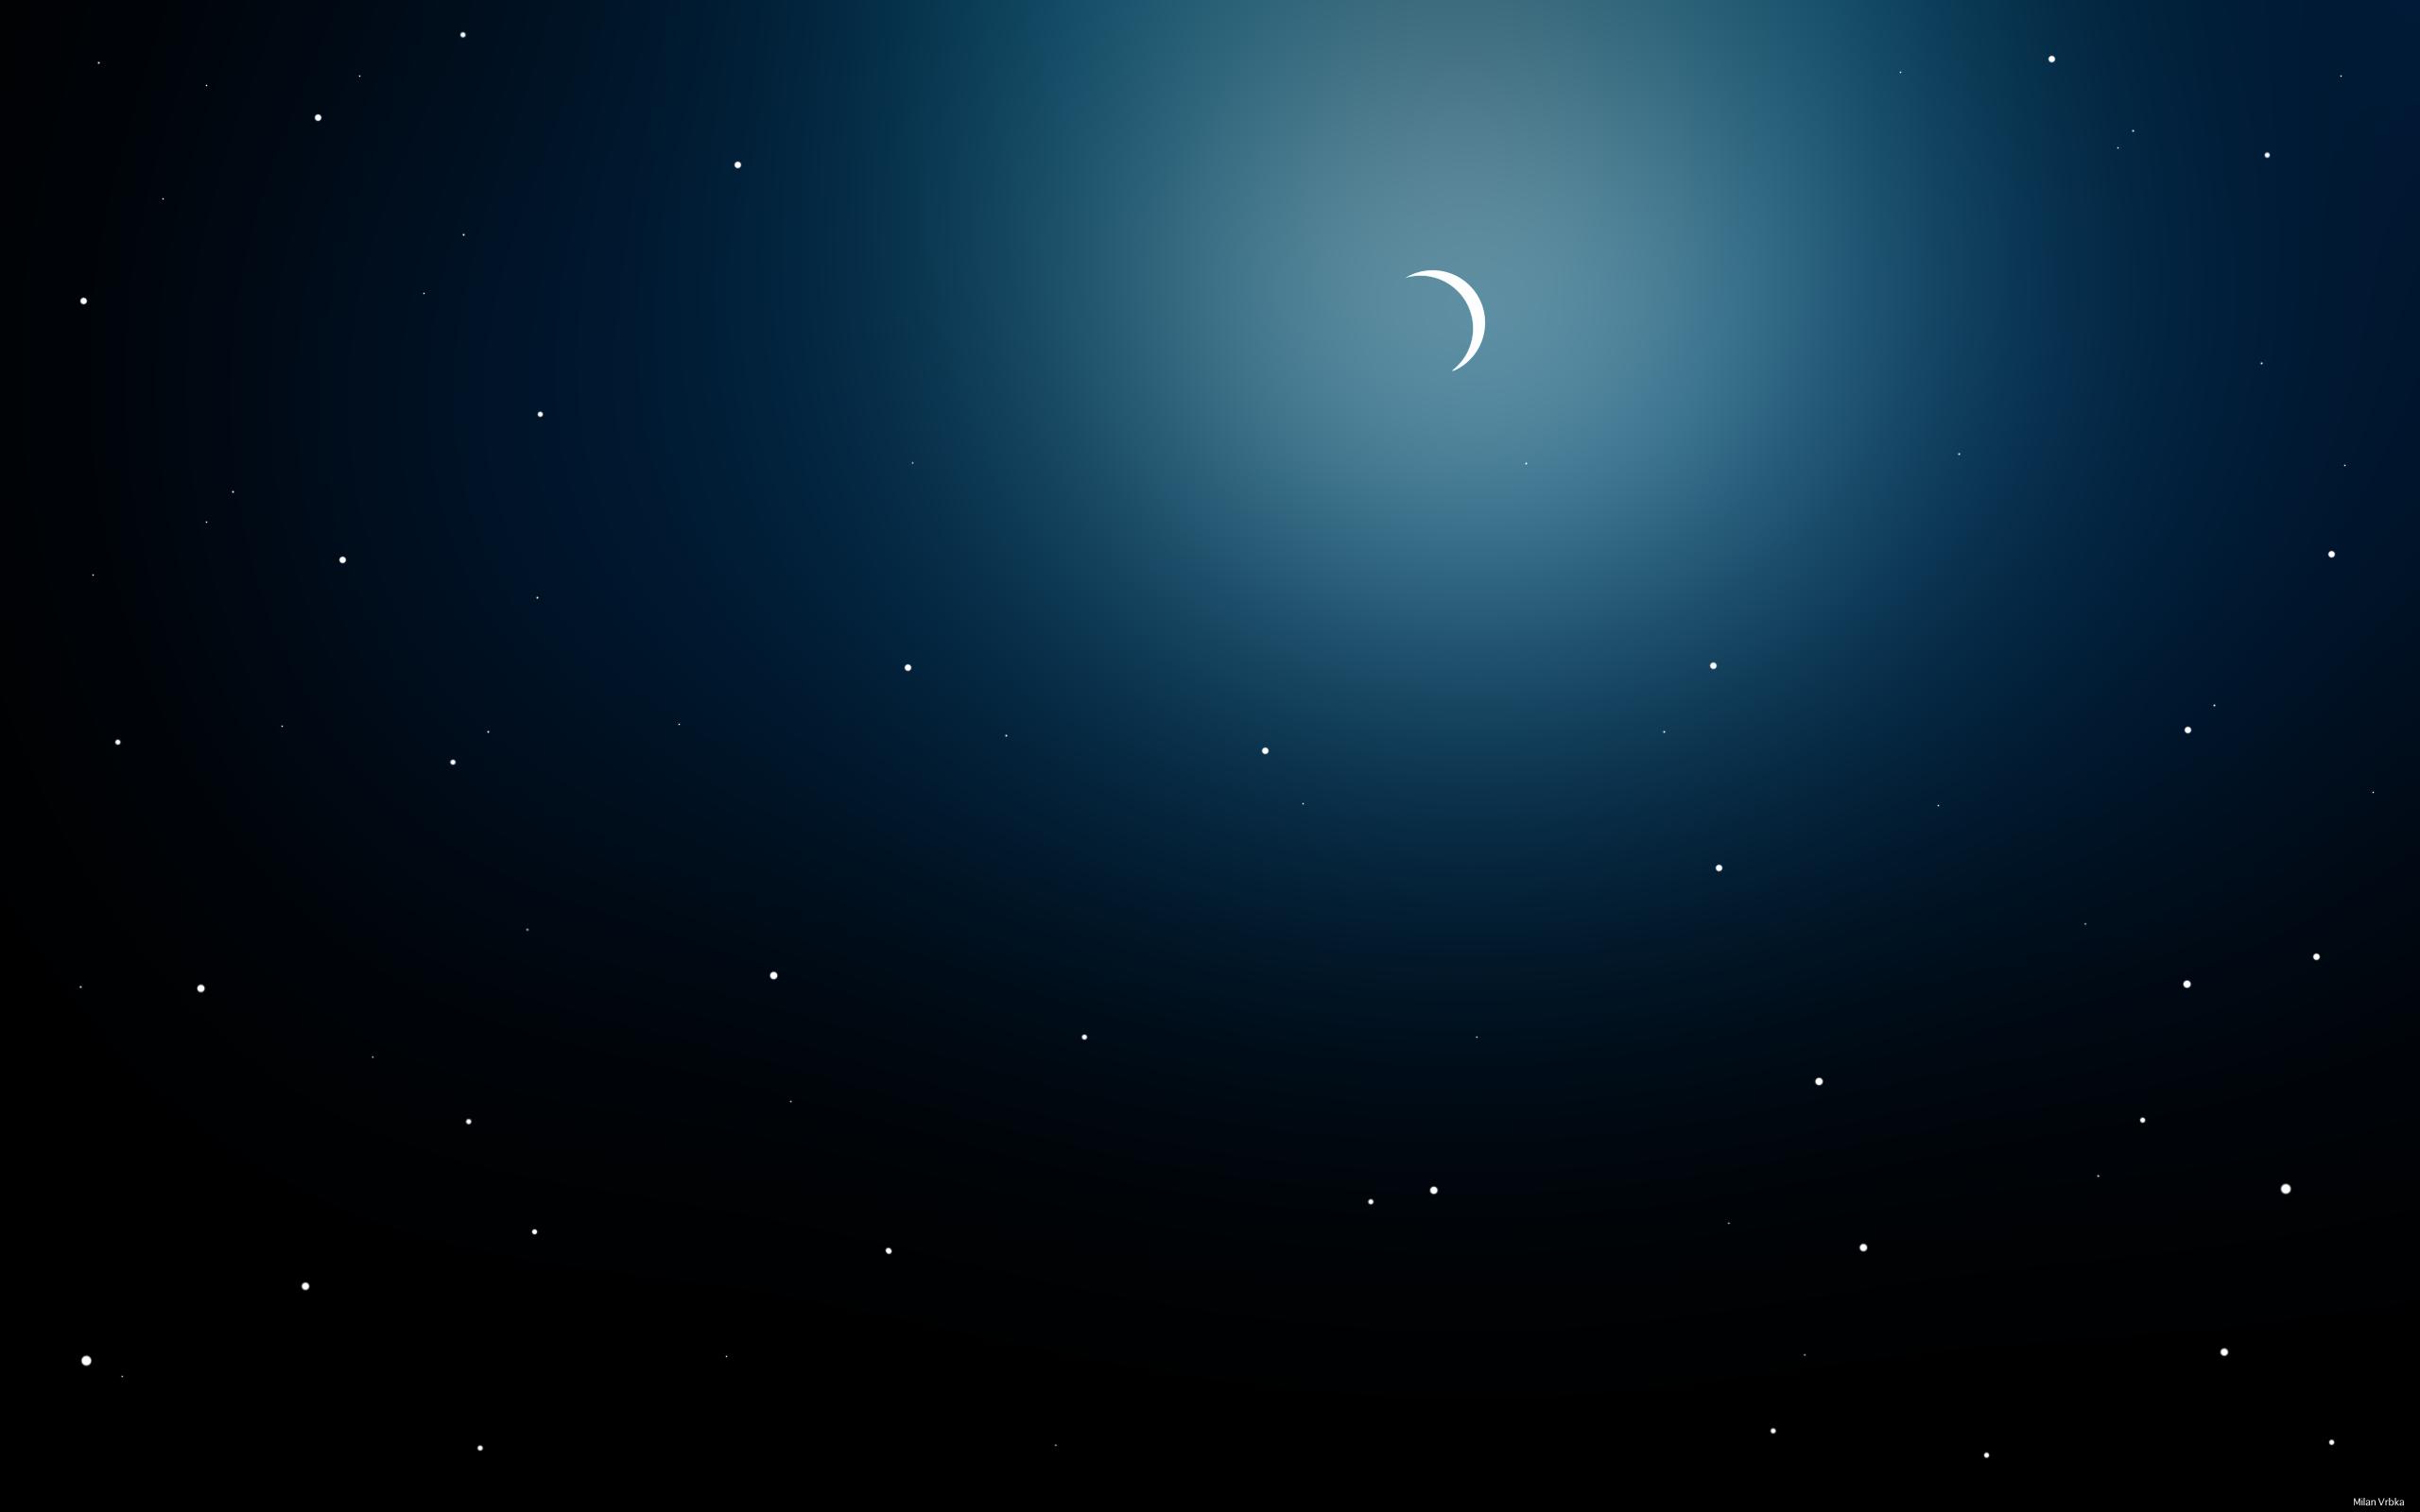 PNG Night Sky Transparent Night Sky.PNG Images. | PlusPNG